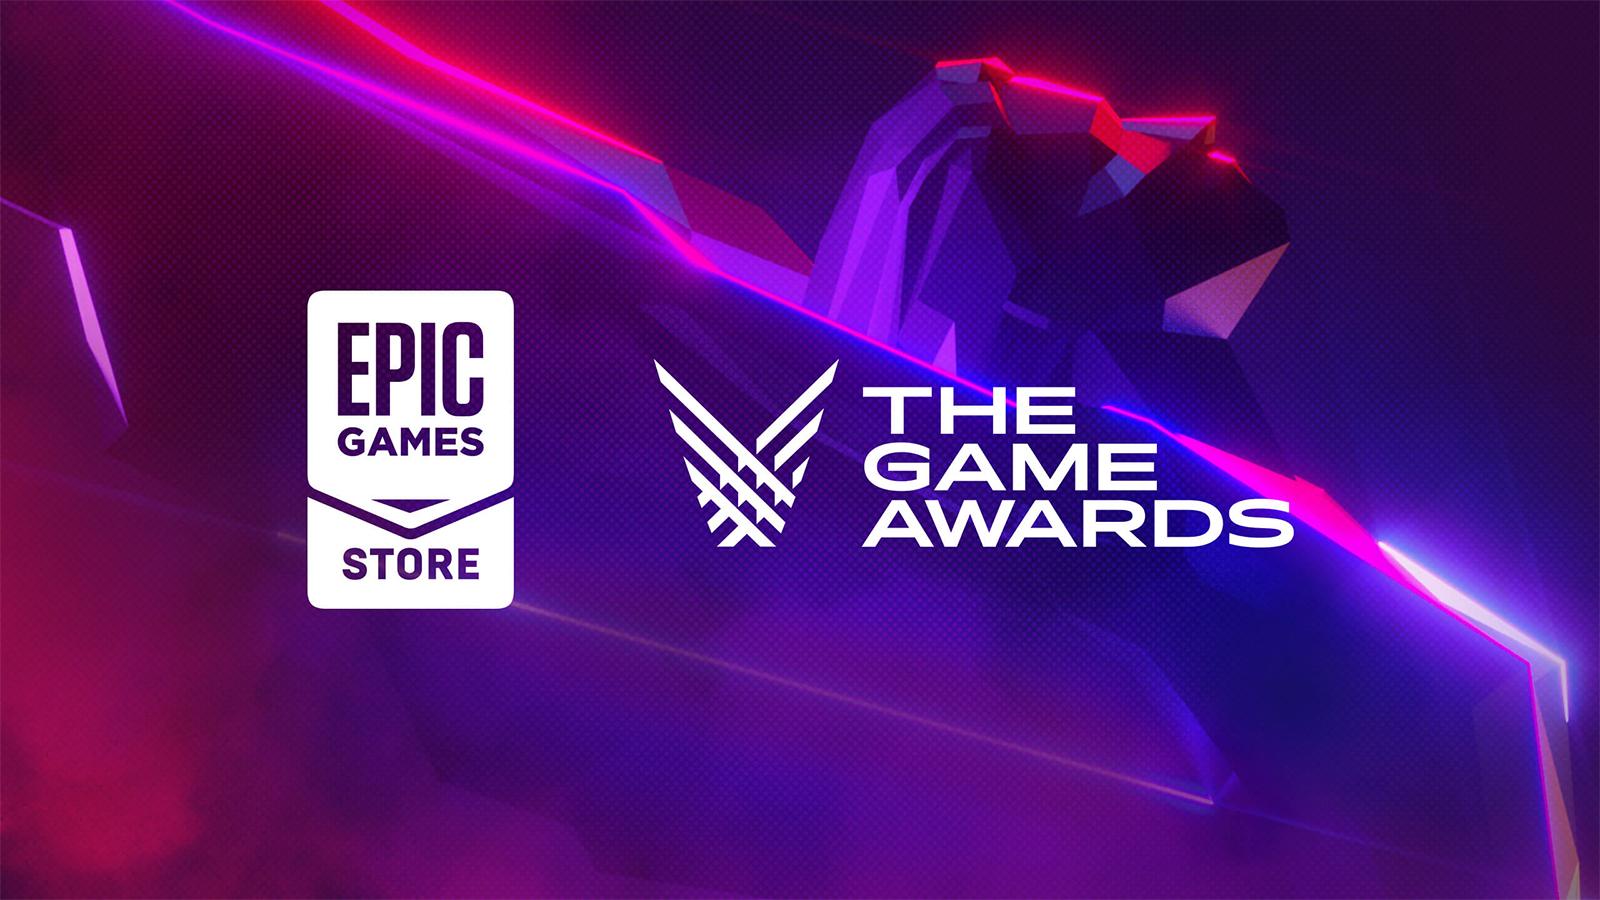 خرید بازی از اپیک گیمز Epic Games